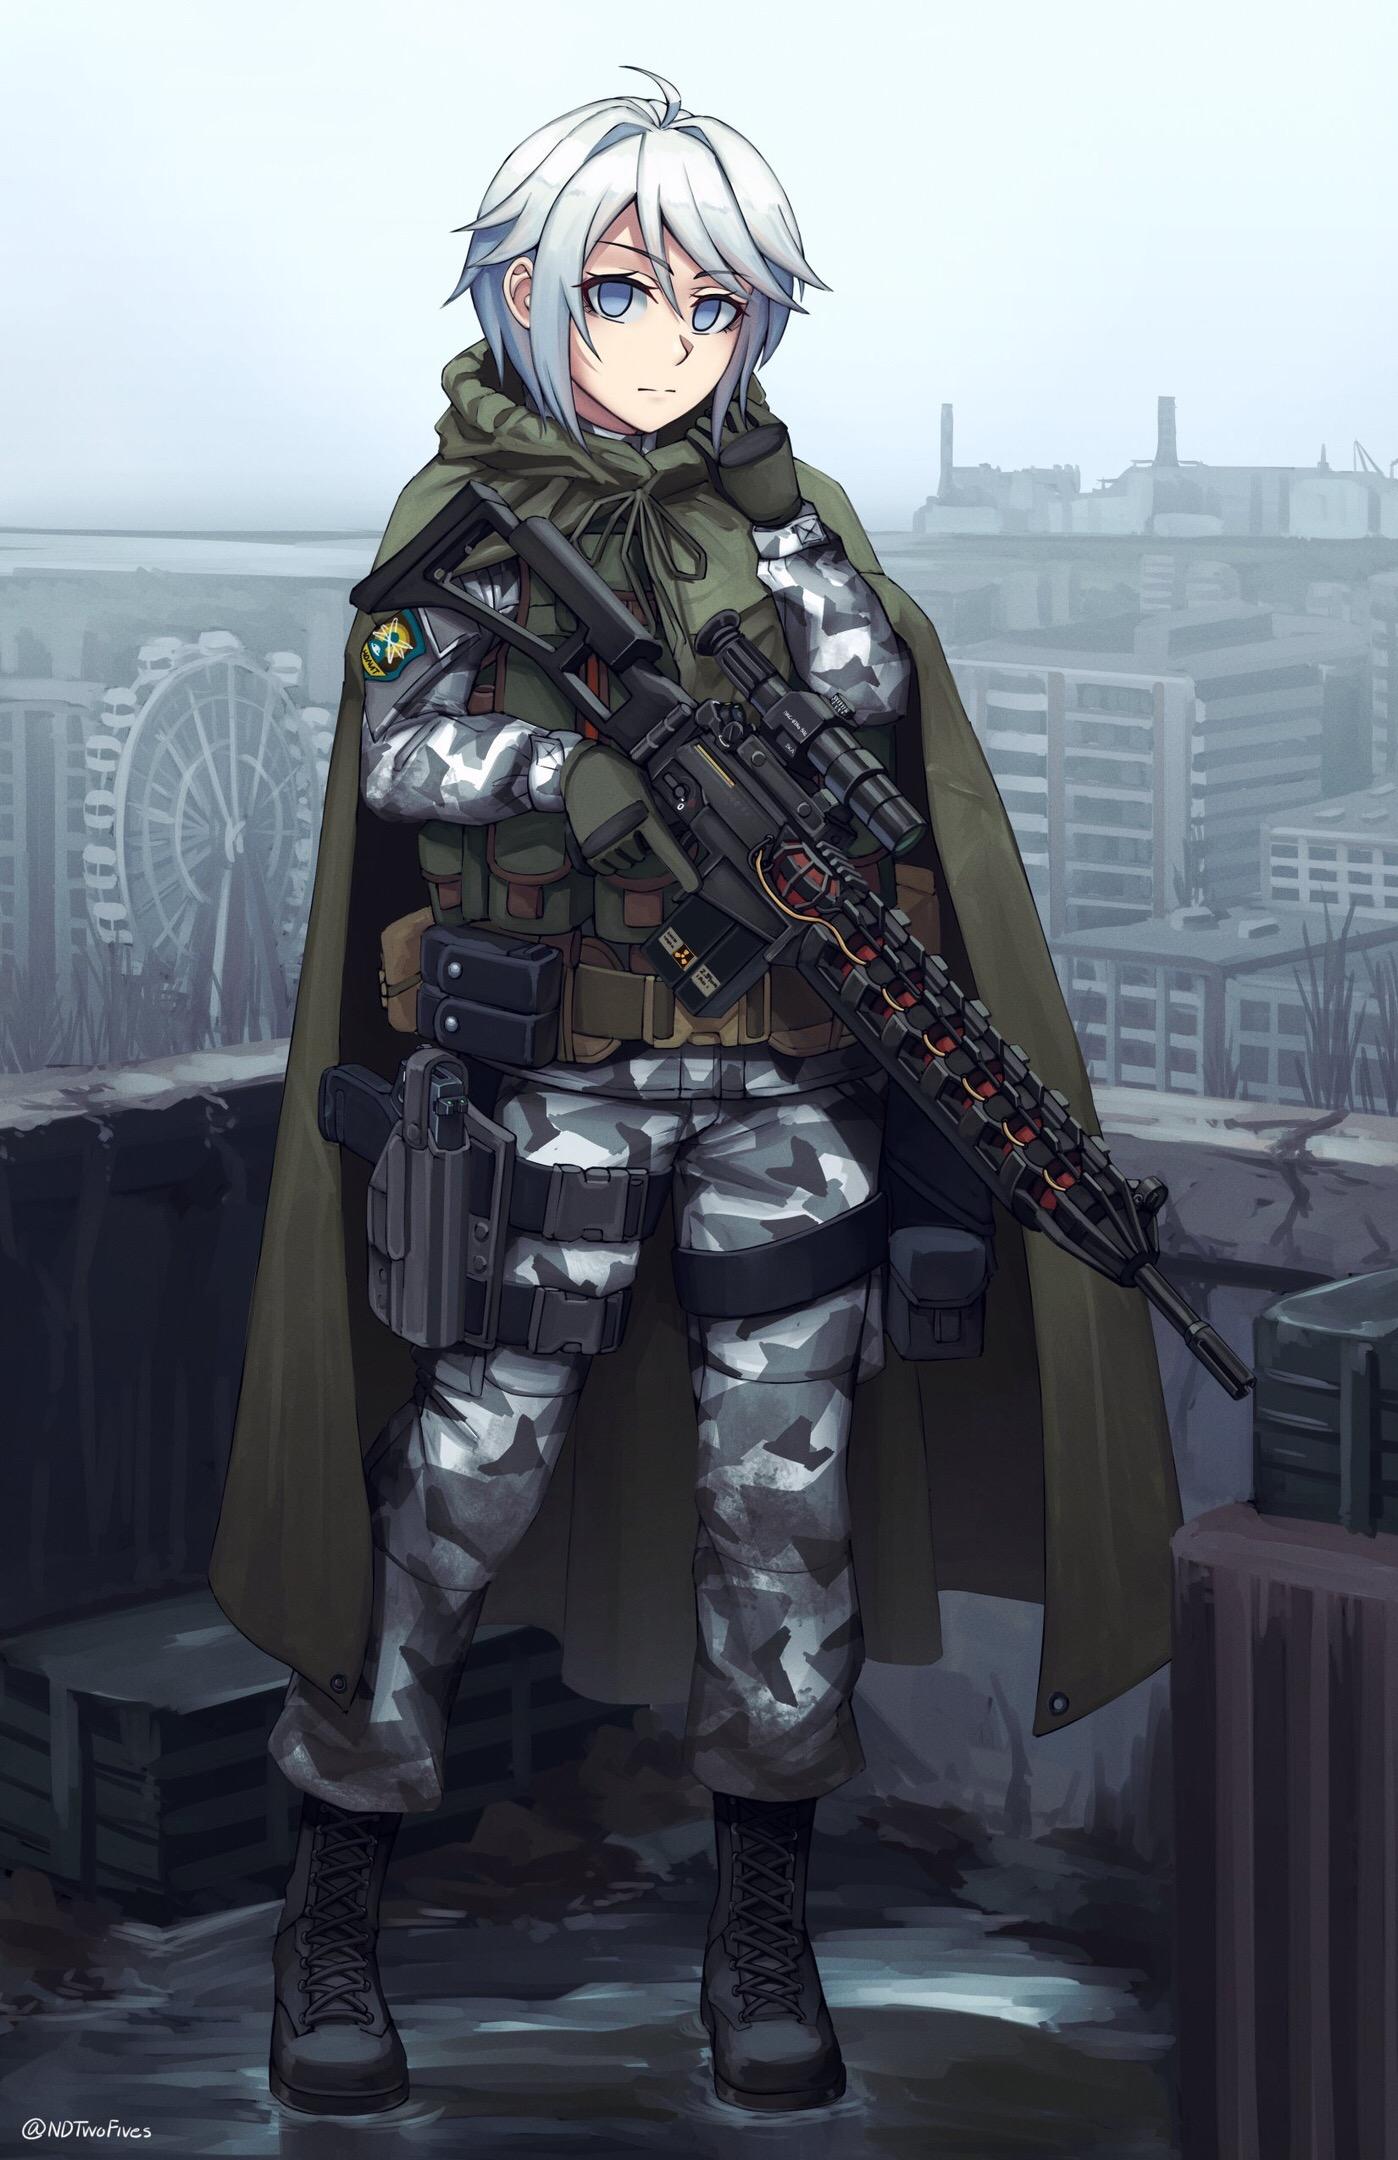 Сестра Лилит STALKER-%D1%84%D1%8D%D0%BD%D0%B4%D0%BE%D0%BC%D1%8B-Anime-%D0%98%D0%B3%D1%80%D1%8B-5411684